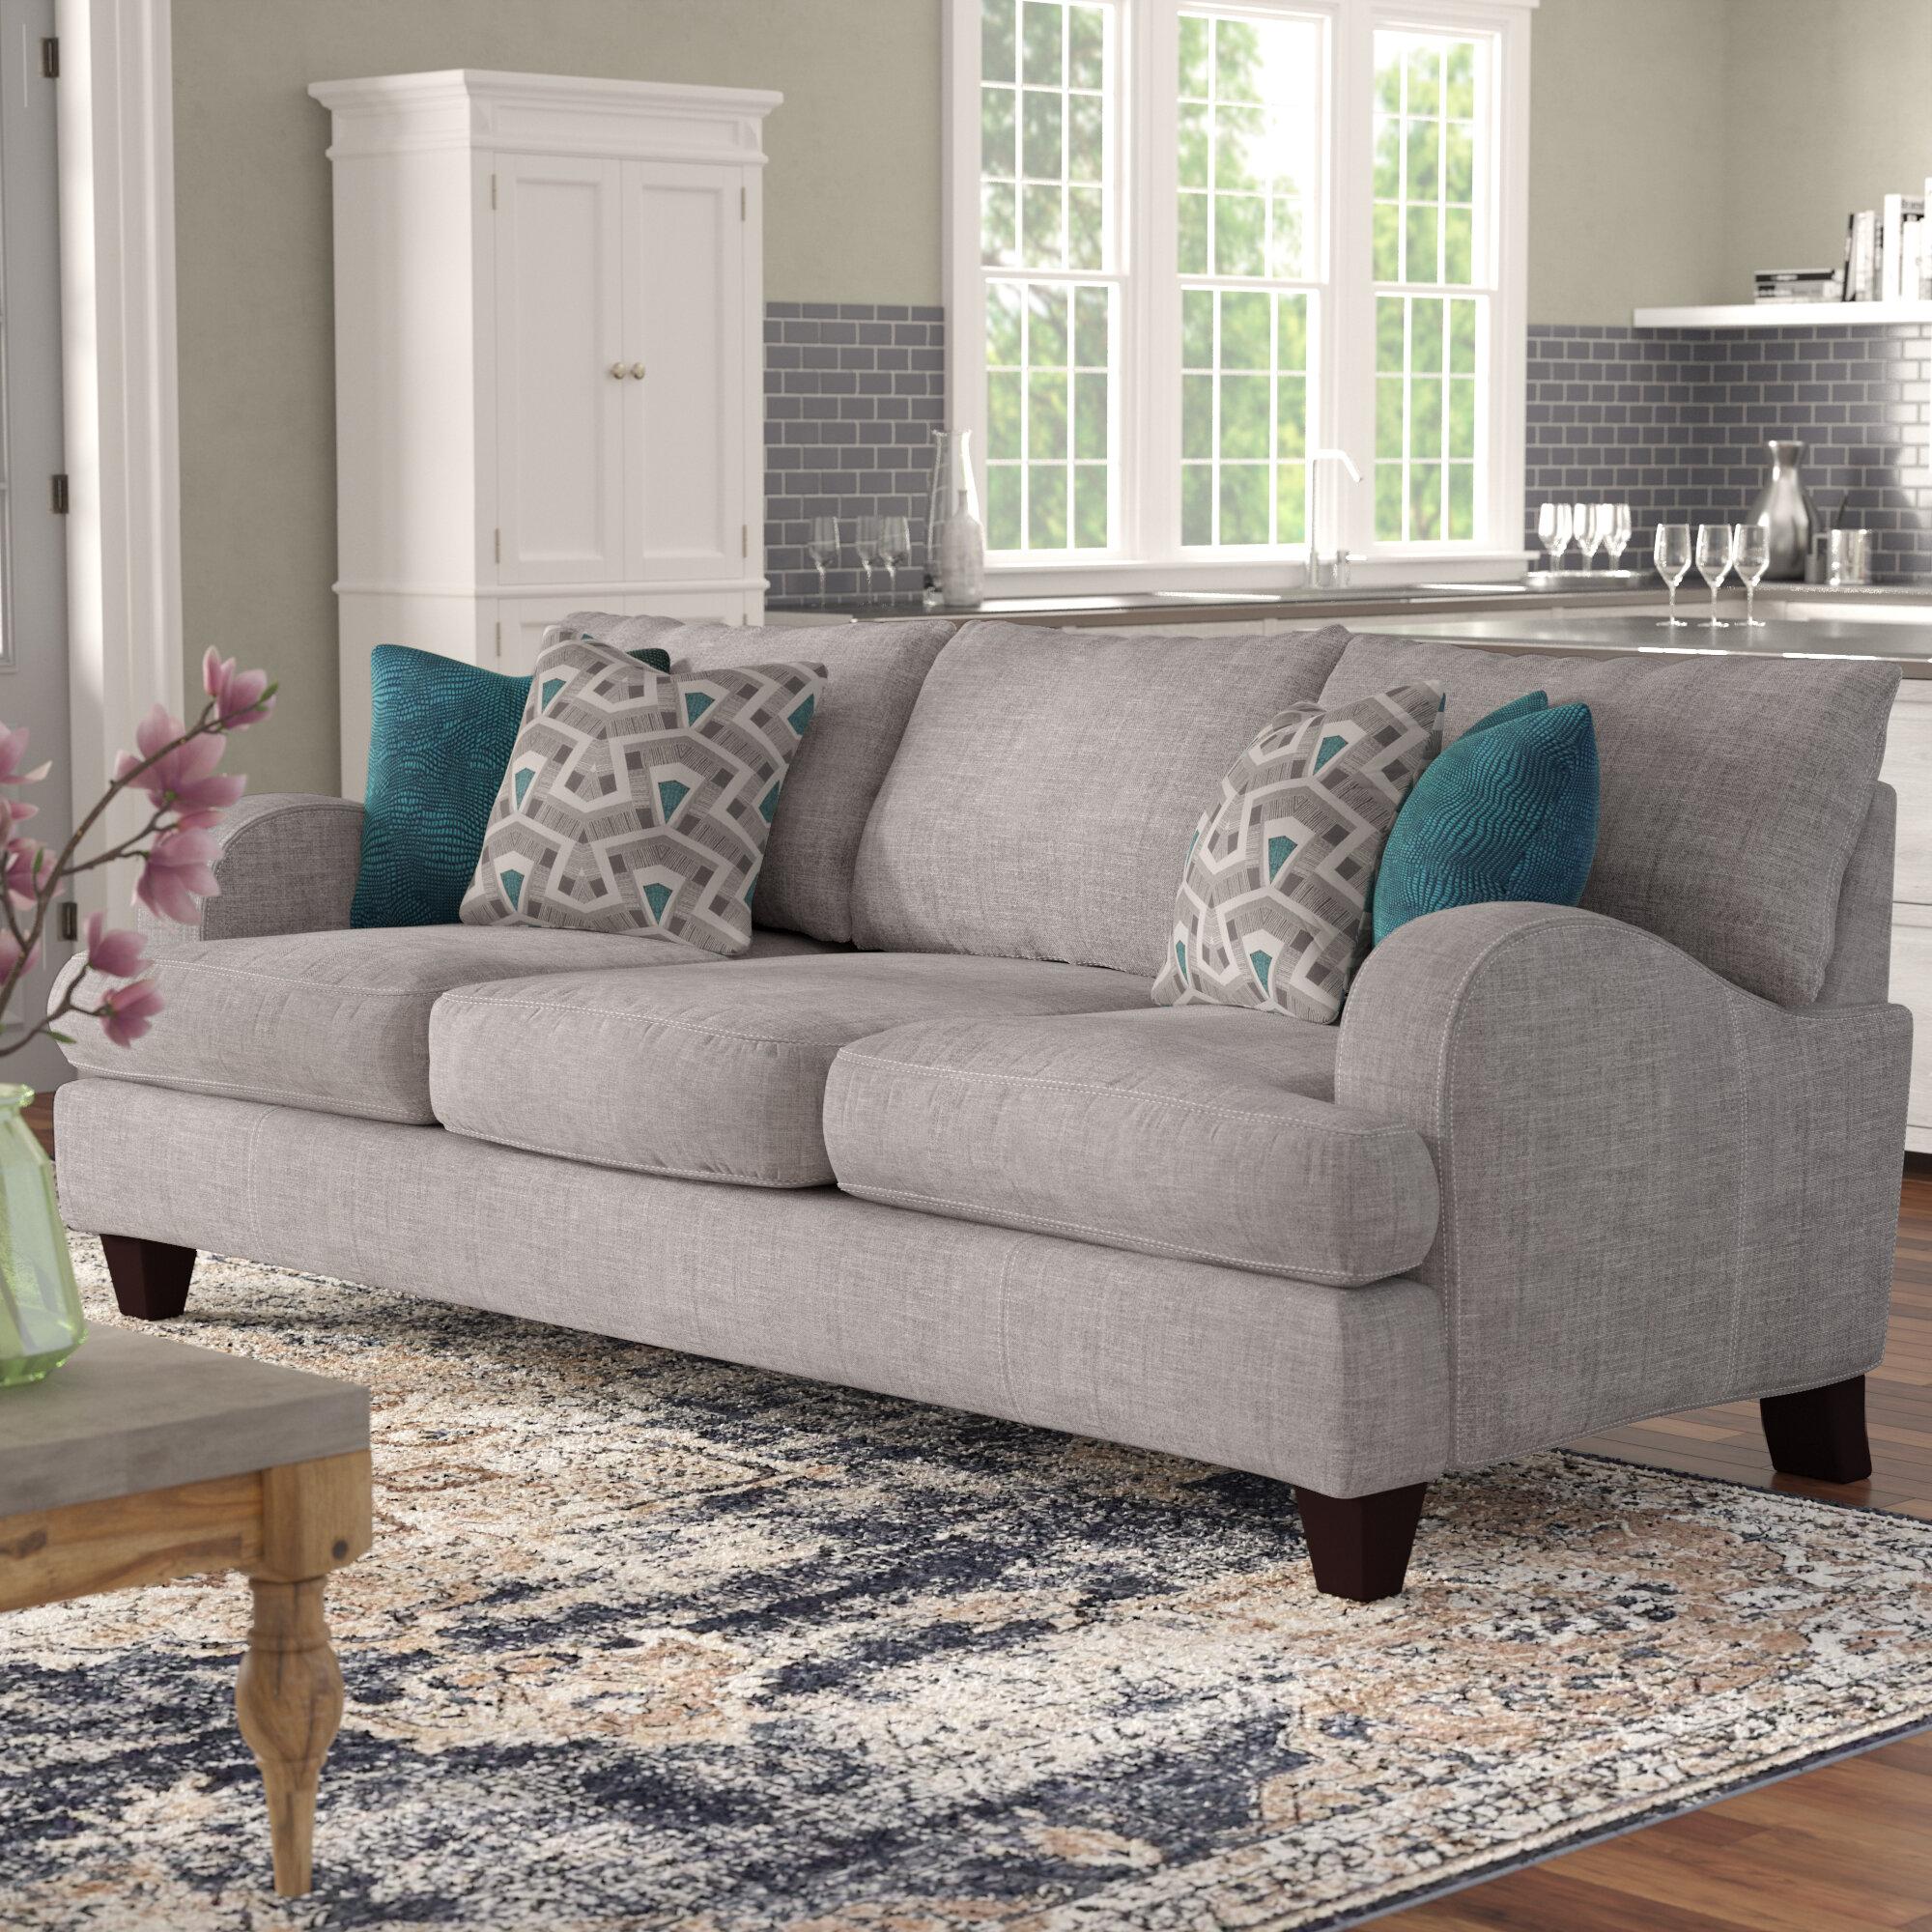 Rosalie sofa